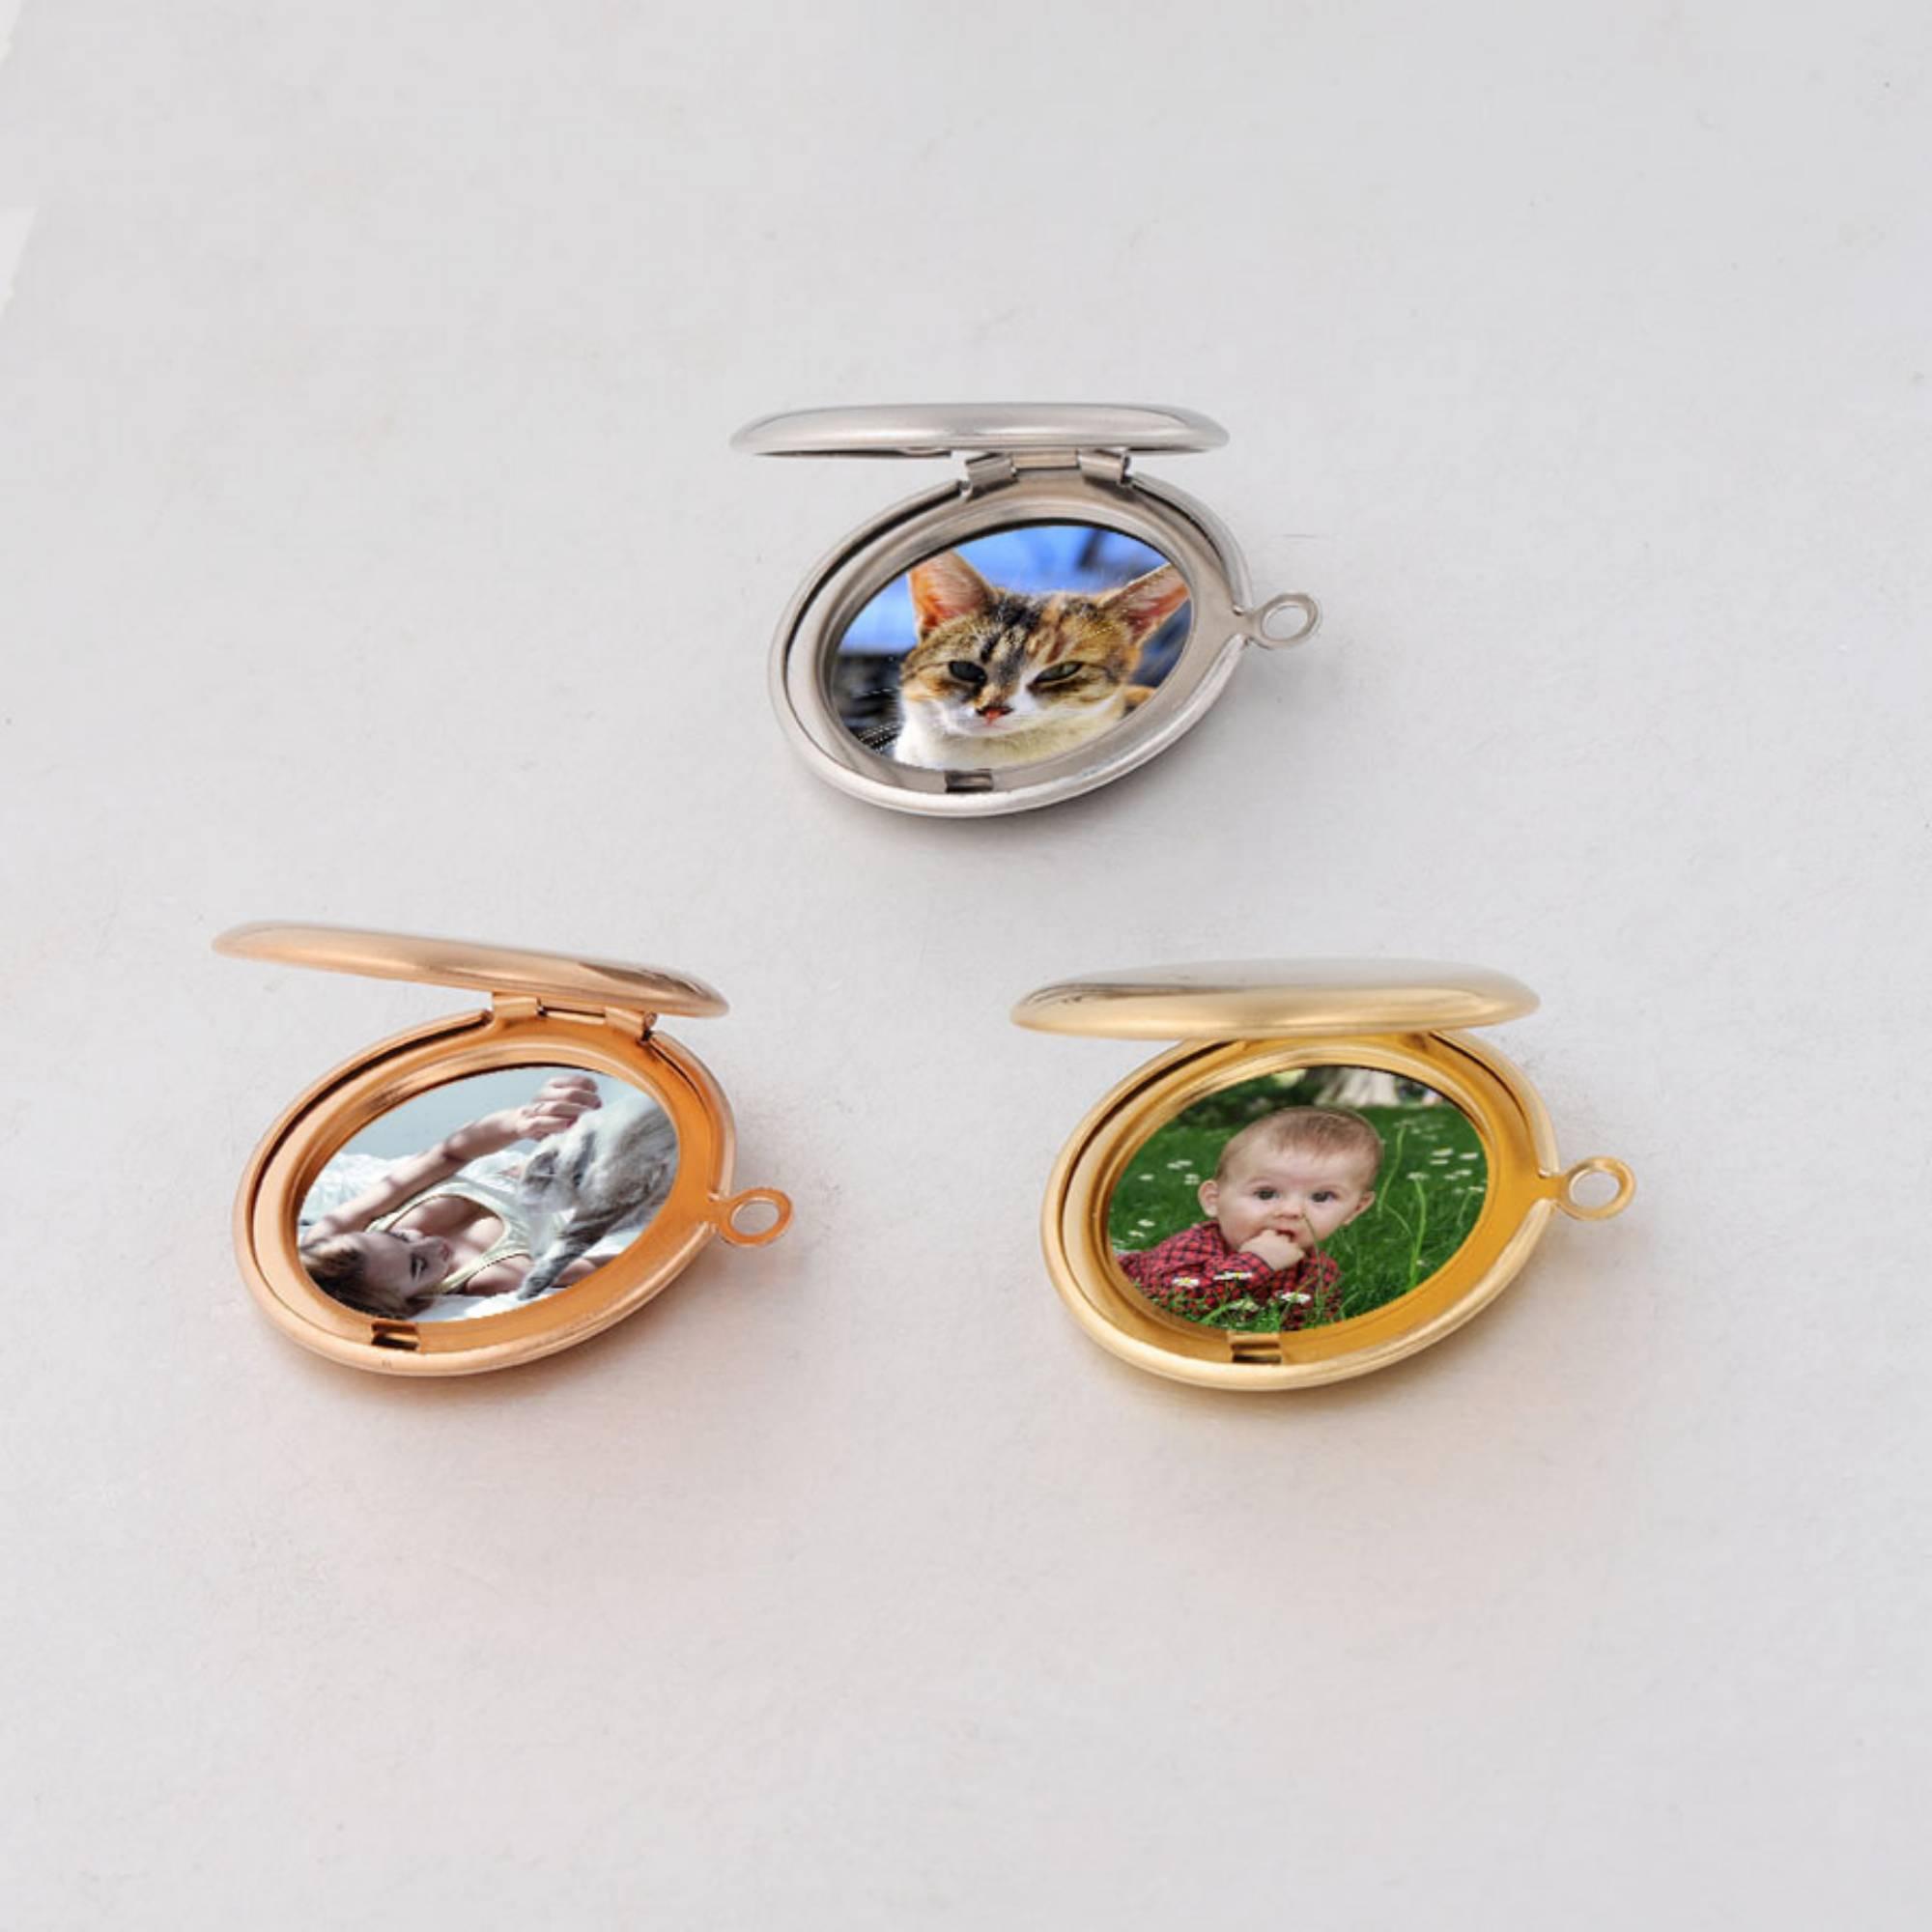 Индивидуальное ожерелье, свадебный подарок для пары, индивидуальный цвет, фото, круглые ожерелья с кулоном из нержавеющей стали, очаровател...